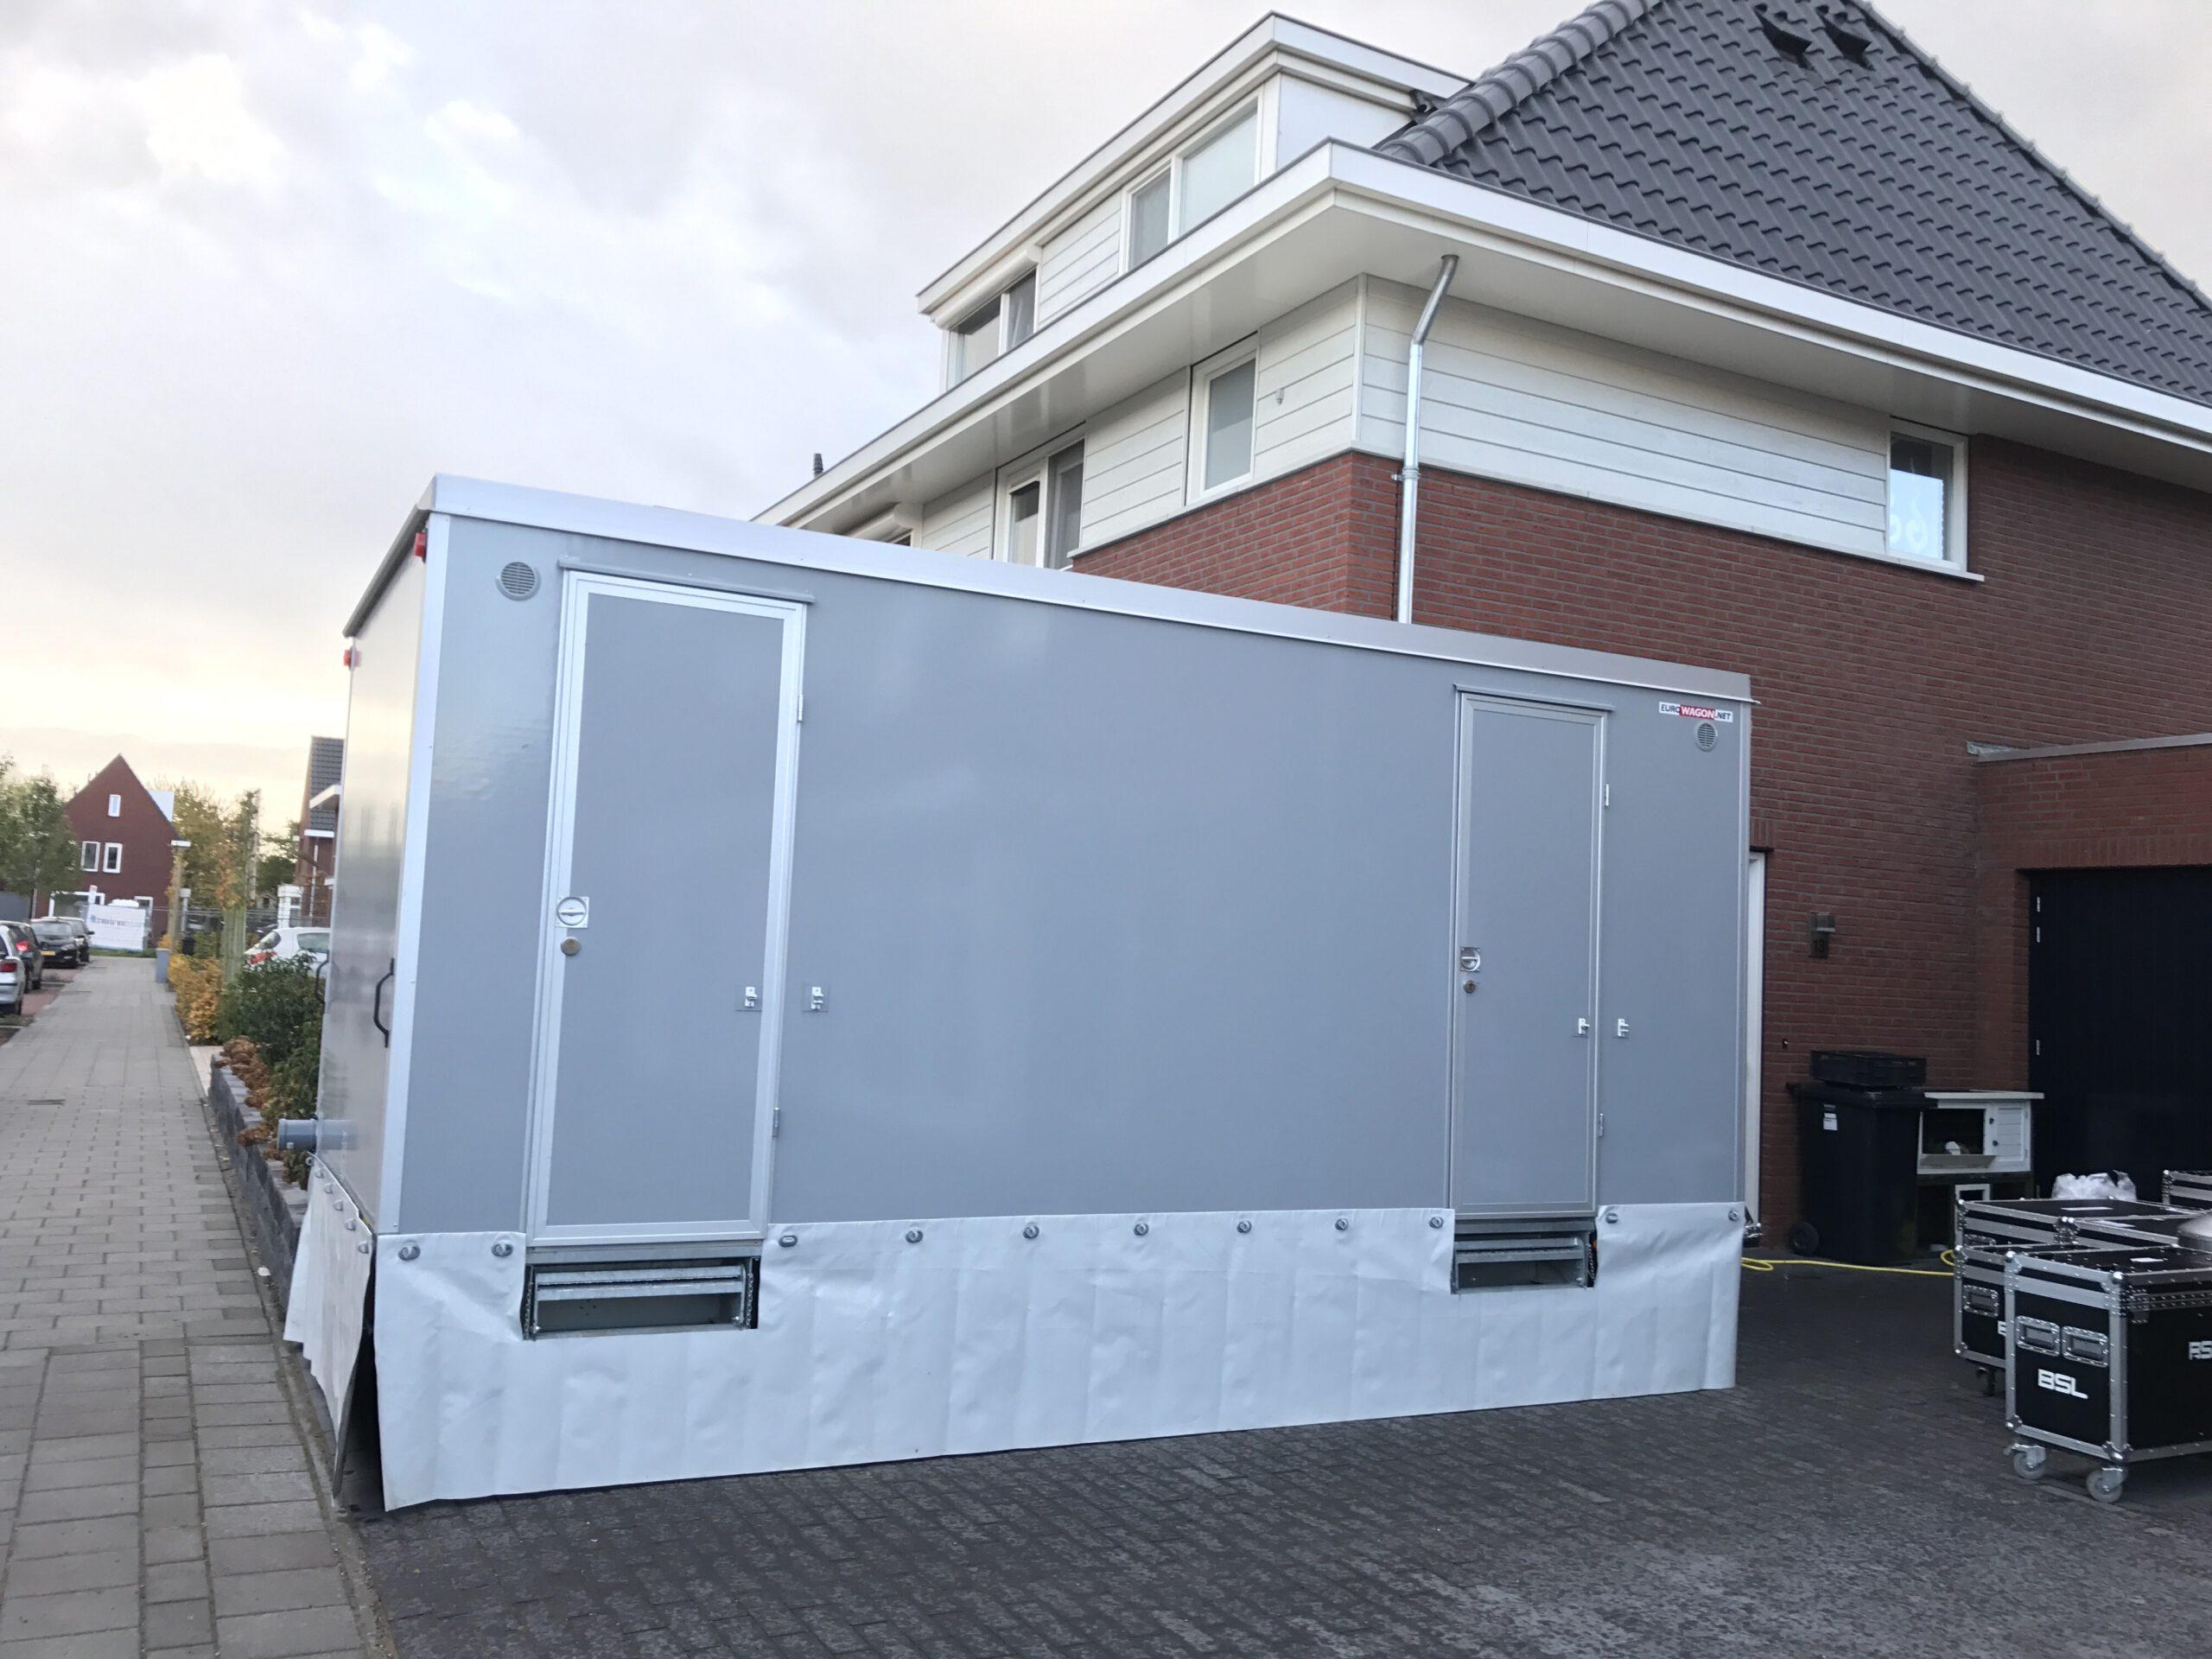 Toilet Verhuur Oosterhout